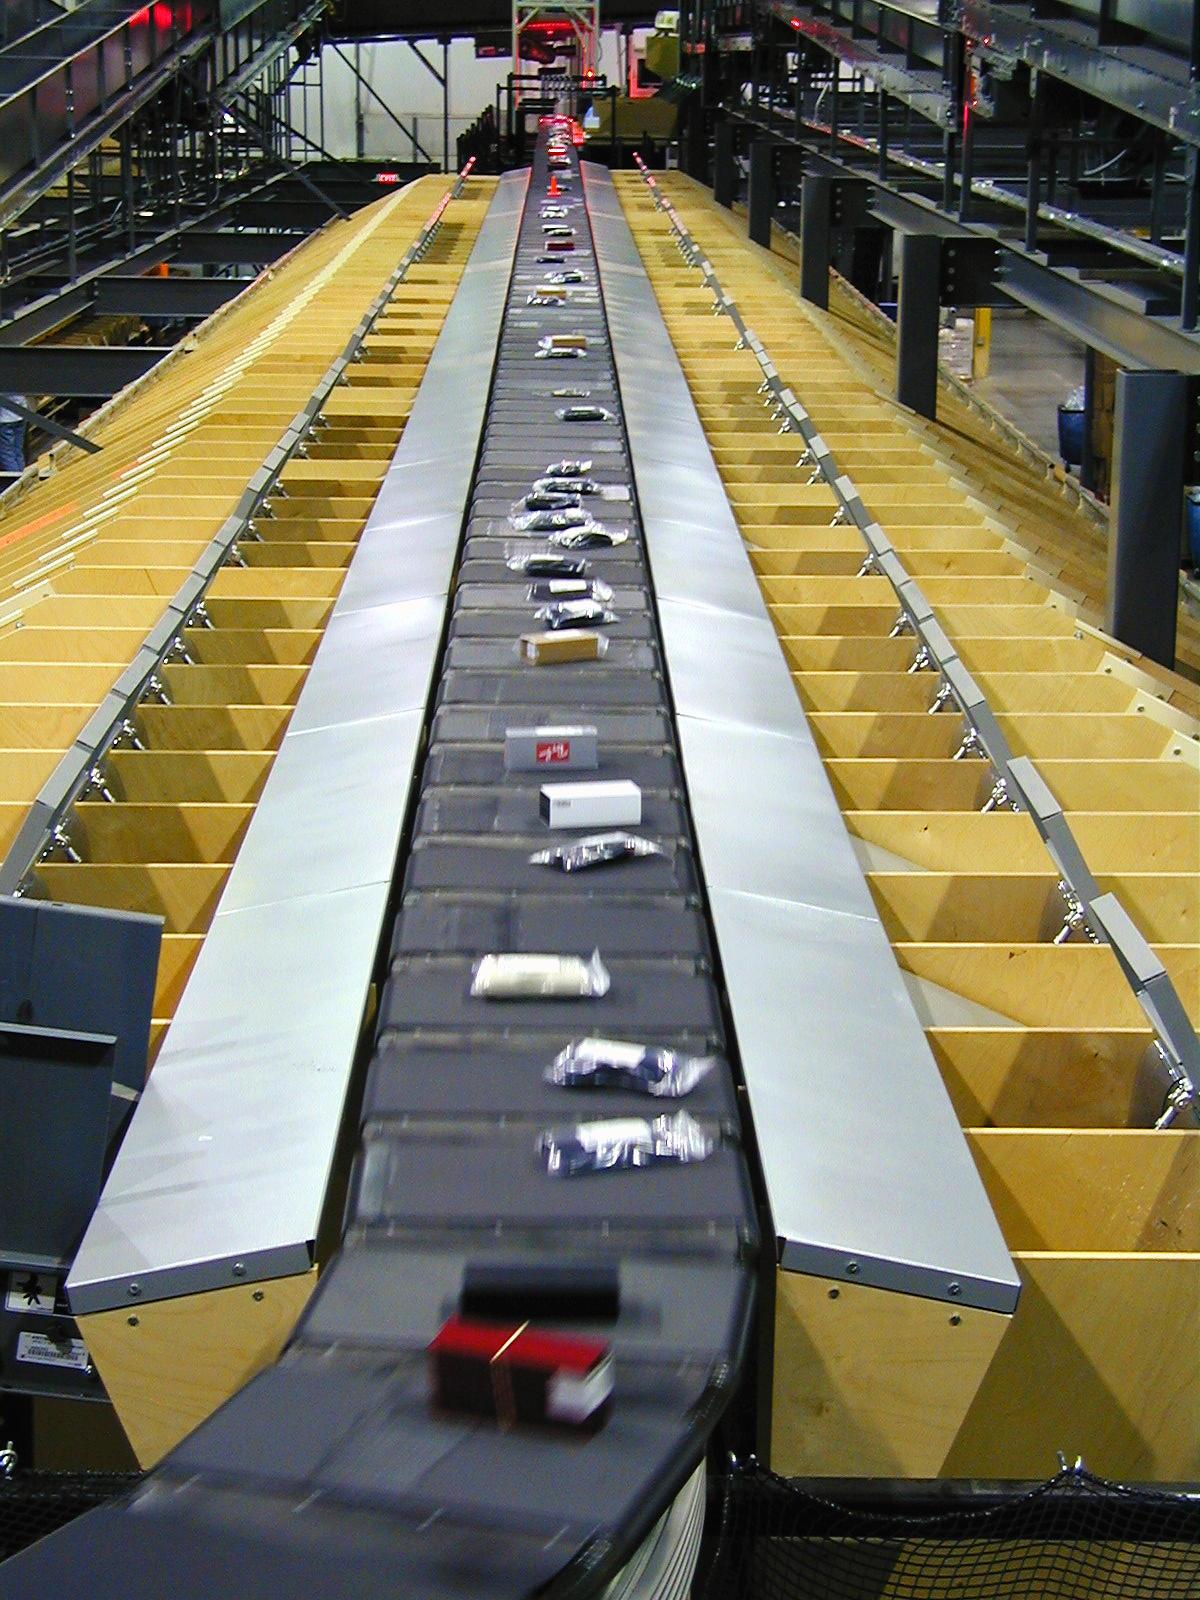 Die BEUMER Group liefert Sortier- und Verteilanlagen, mit denen zum Beispiel Versandhändler oder -dienstleister eine effiziente, durchgängige Bearbeitung der Waren sicherstellen. Bildnachweis Bild: BEUMER Group GmbH & Co. KG